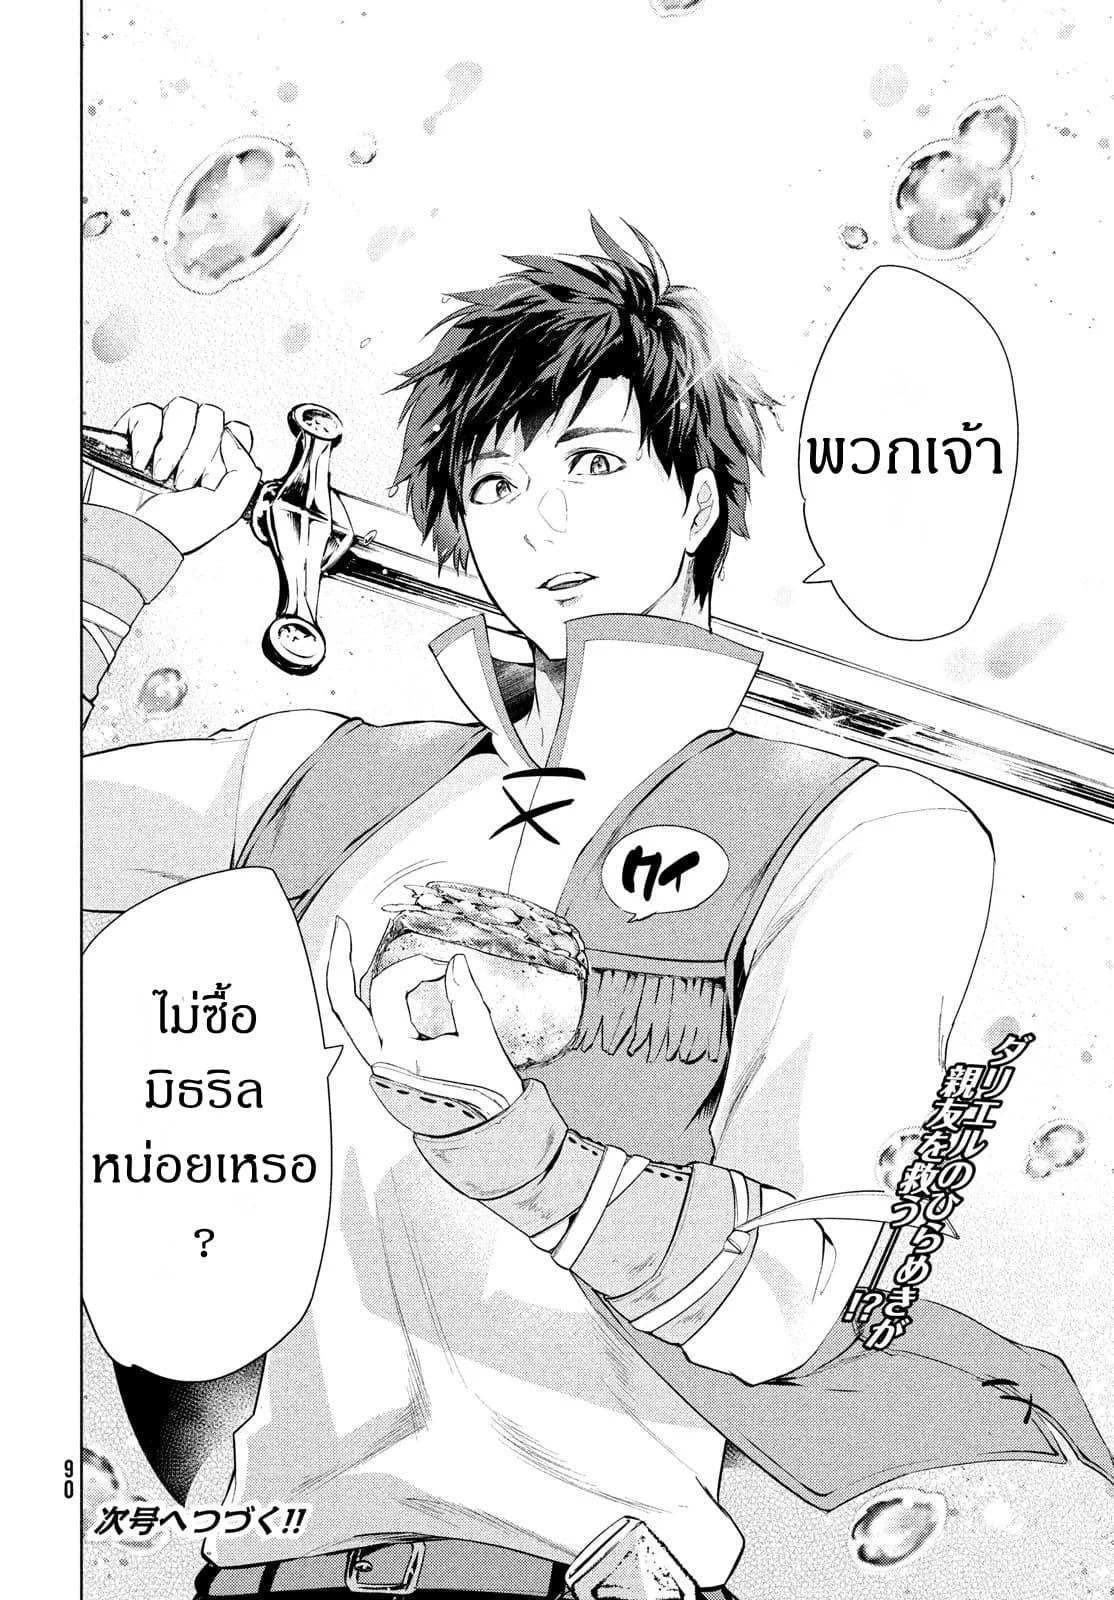 อ่านการ์ตูน Kaiko sareta Ankoku Heishi (30-dai) no Slow na Second ตอนที่ 8.2 หน้าที่ 14